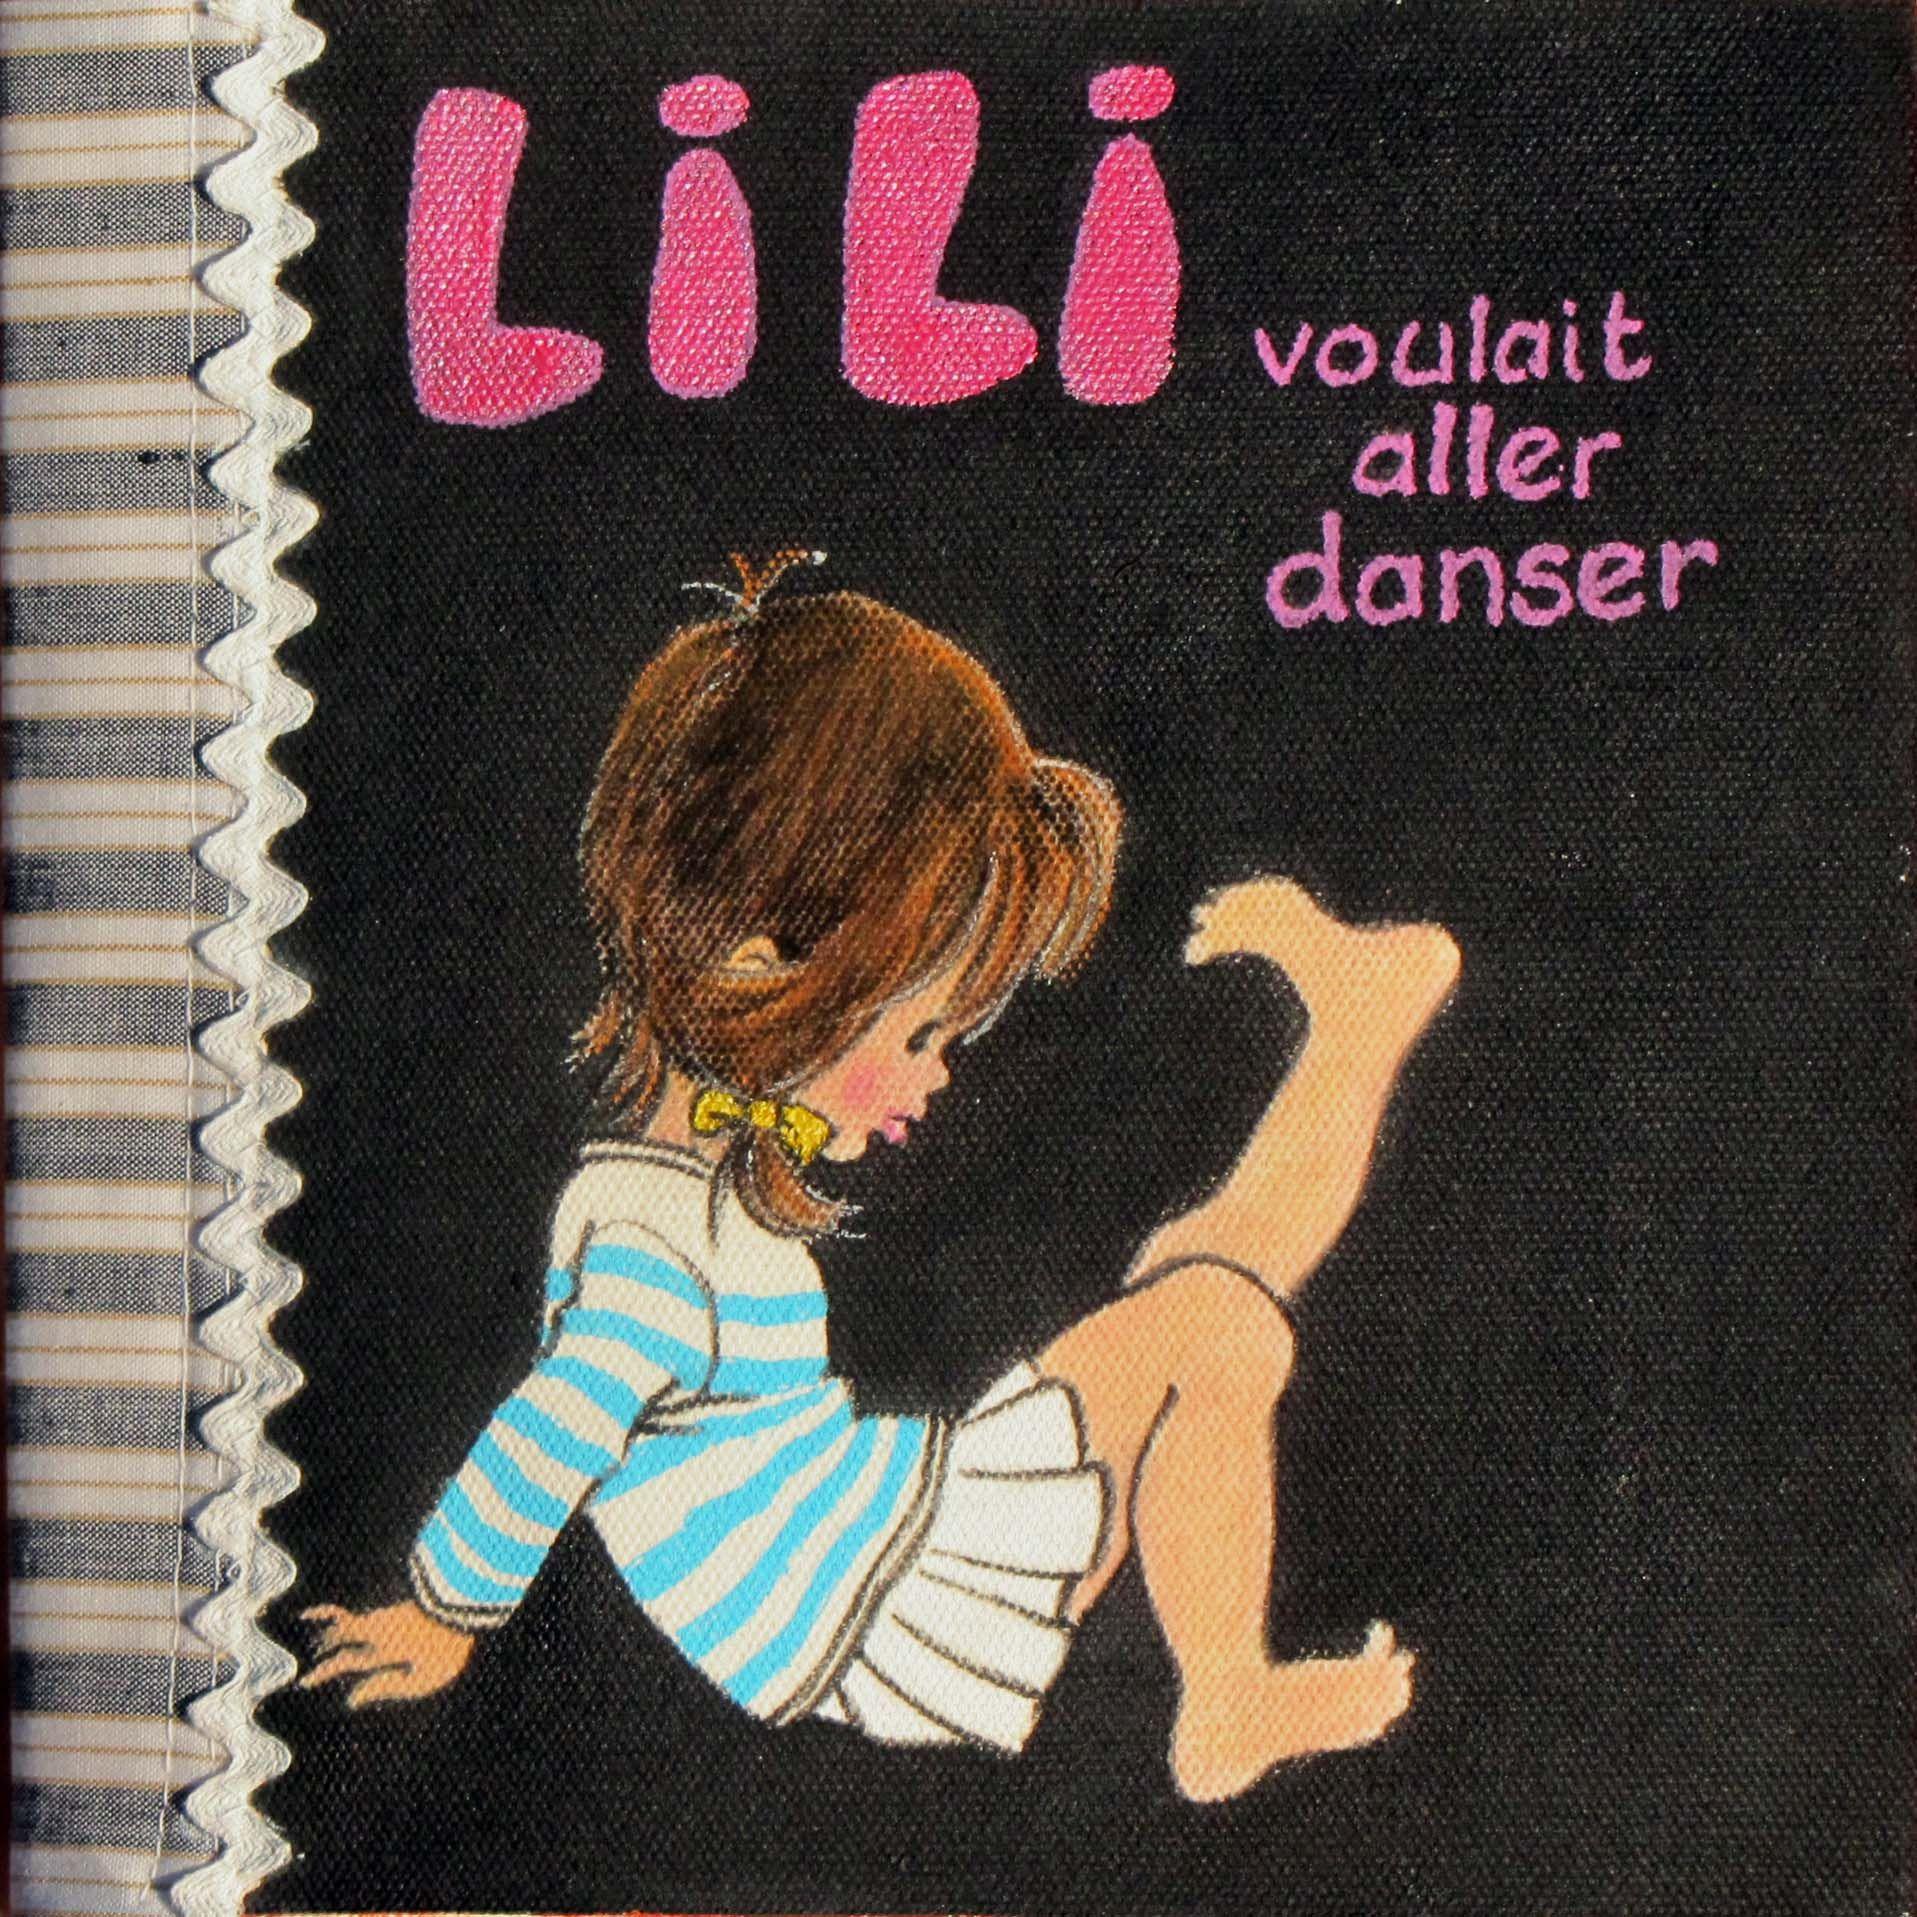 #69 - Lili voulait aller danser